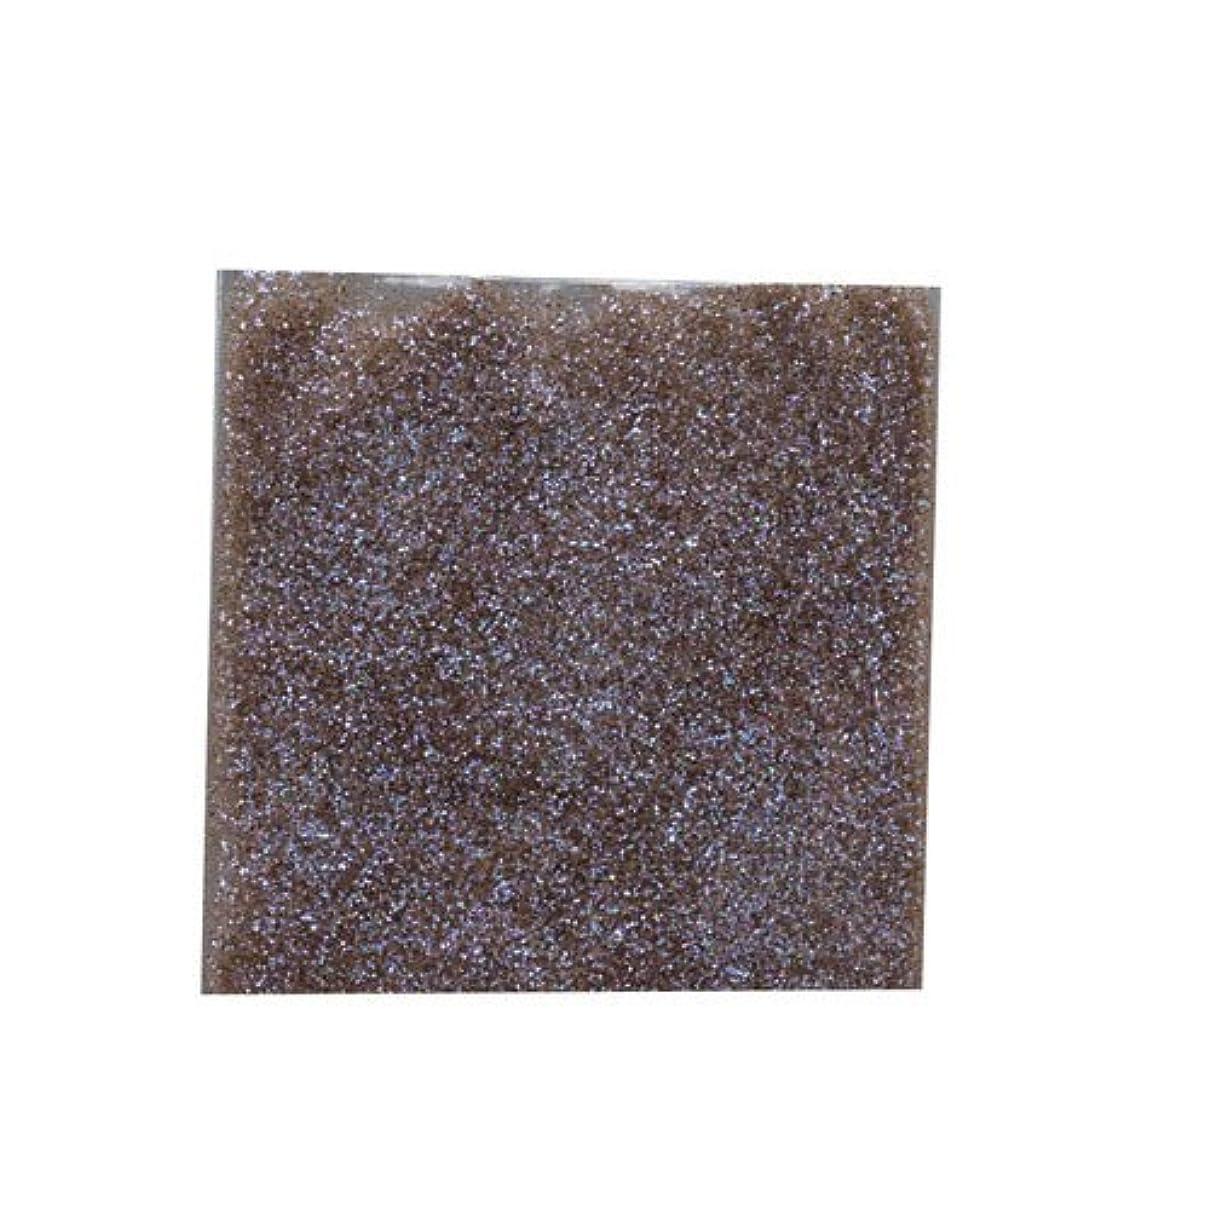 ドラフト独特のベアリングサークルピカエース ネイル用パウダー ラメカラーオーロラB 耐溶剤 S #539 ブラウン 0.7g